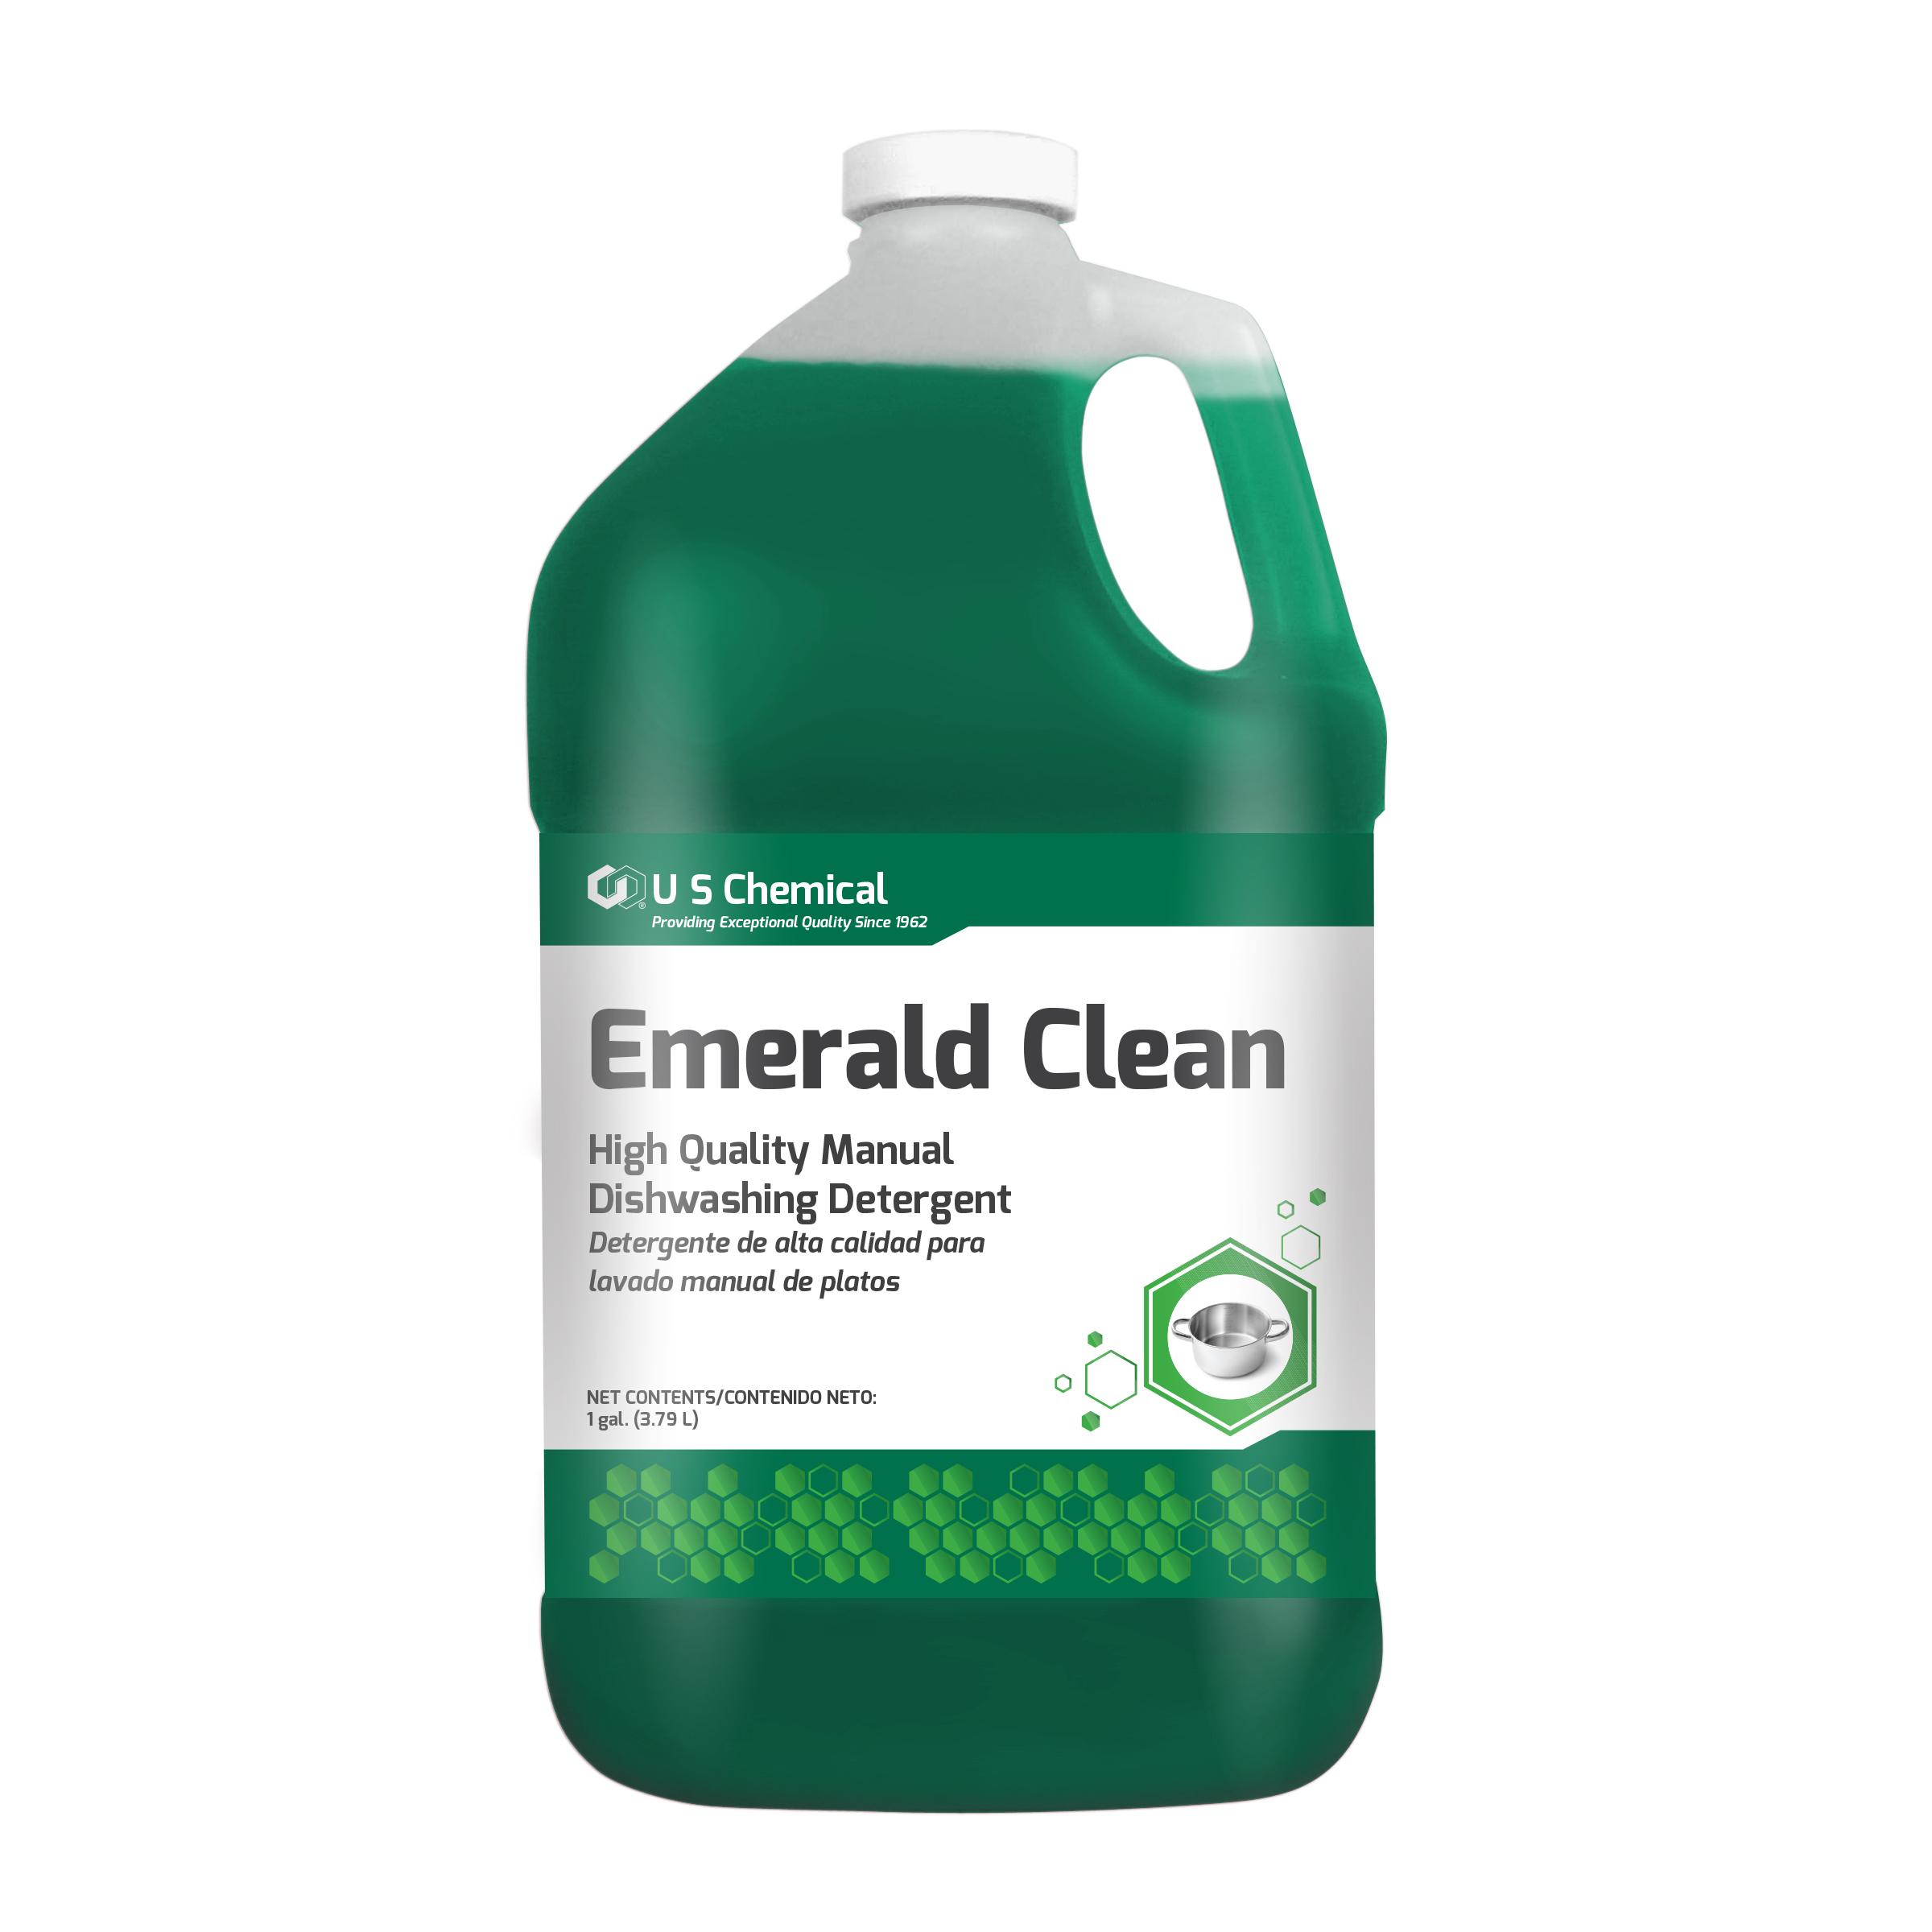 057519_EMERALD_CLEAN_1GA